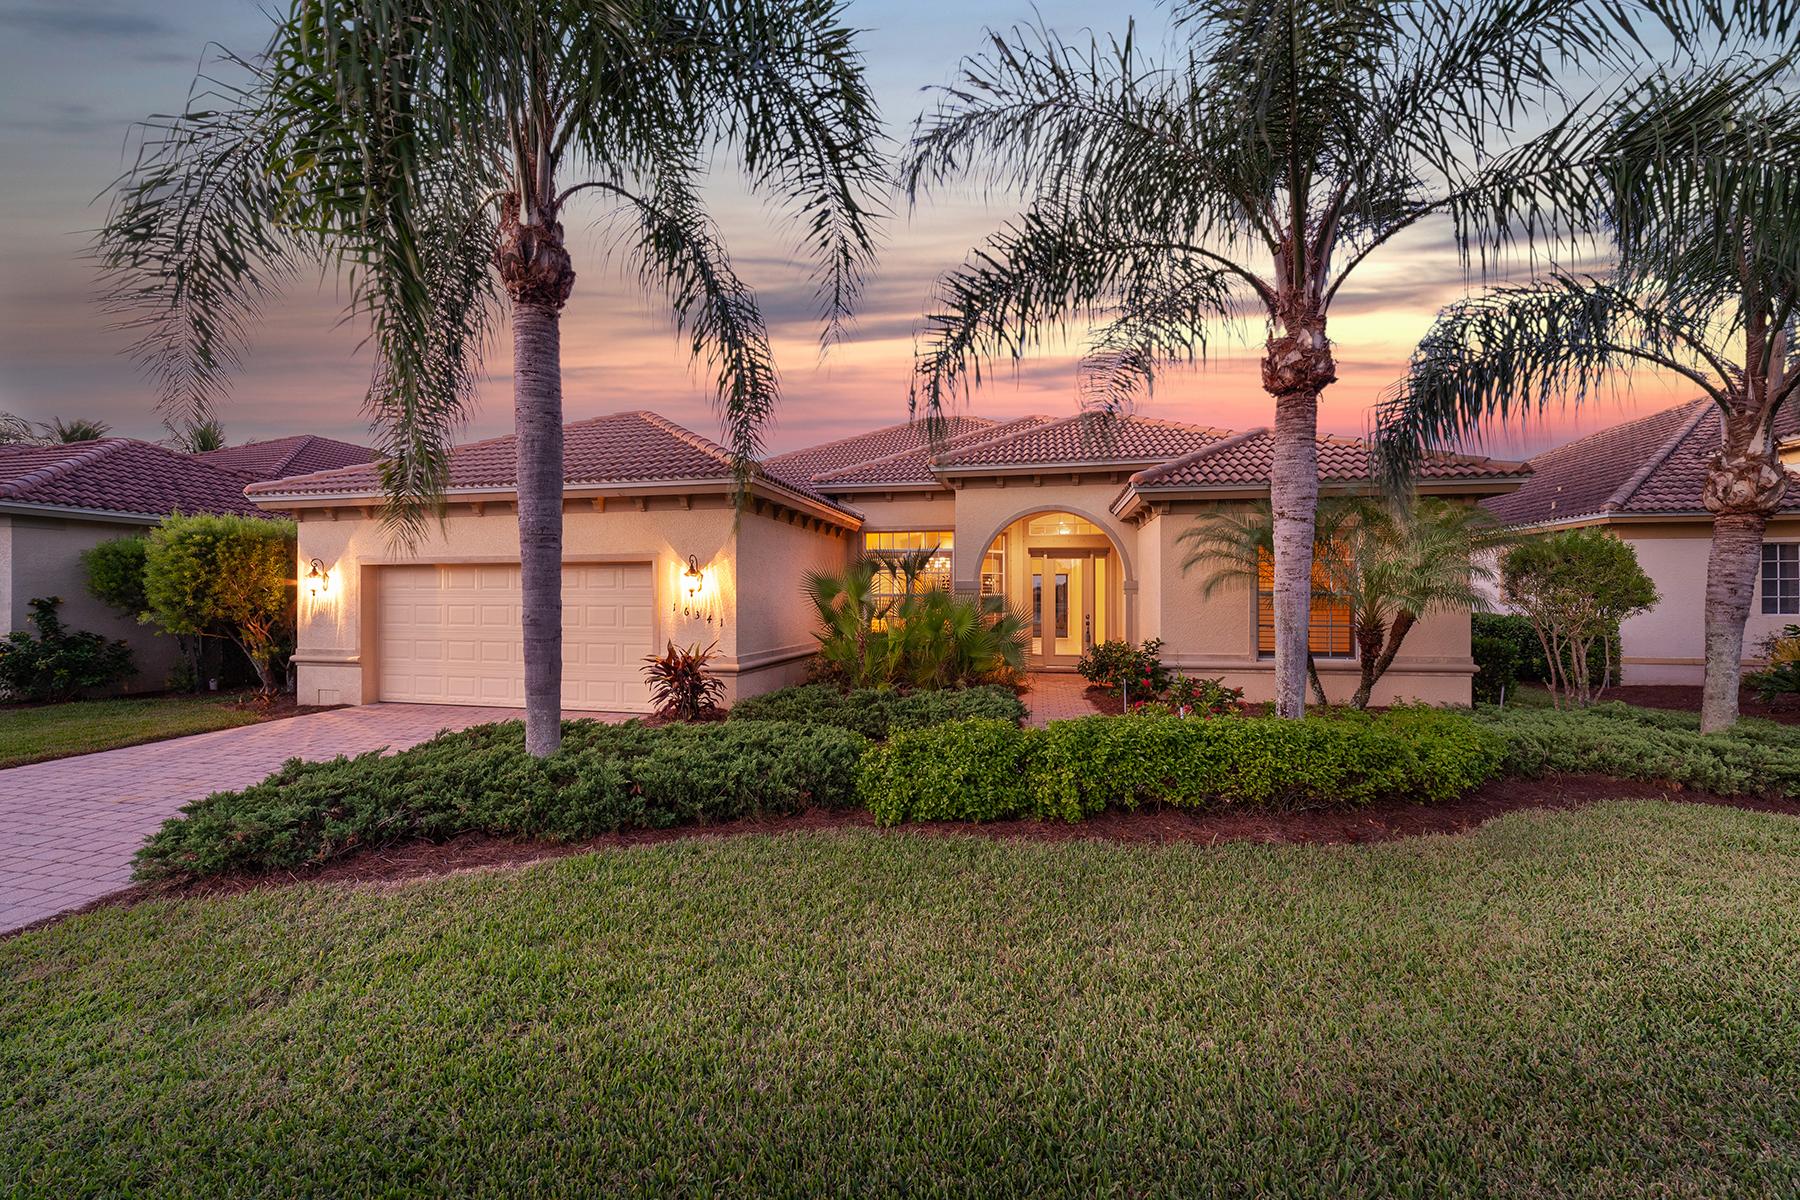 Single Family Homes para Venda às COCO BAY 16341 Coco Hammock Way, Fort Myers, Florida 33908 Estados Unidos